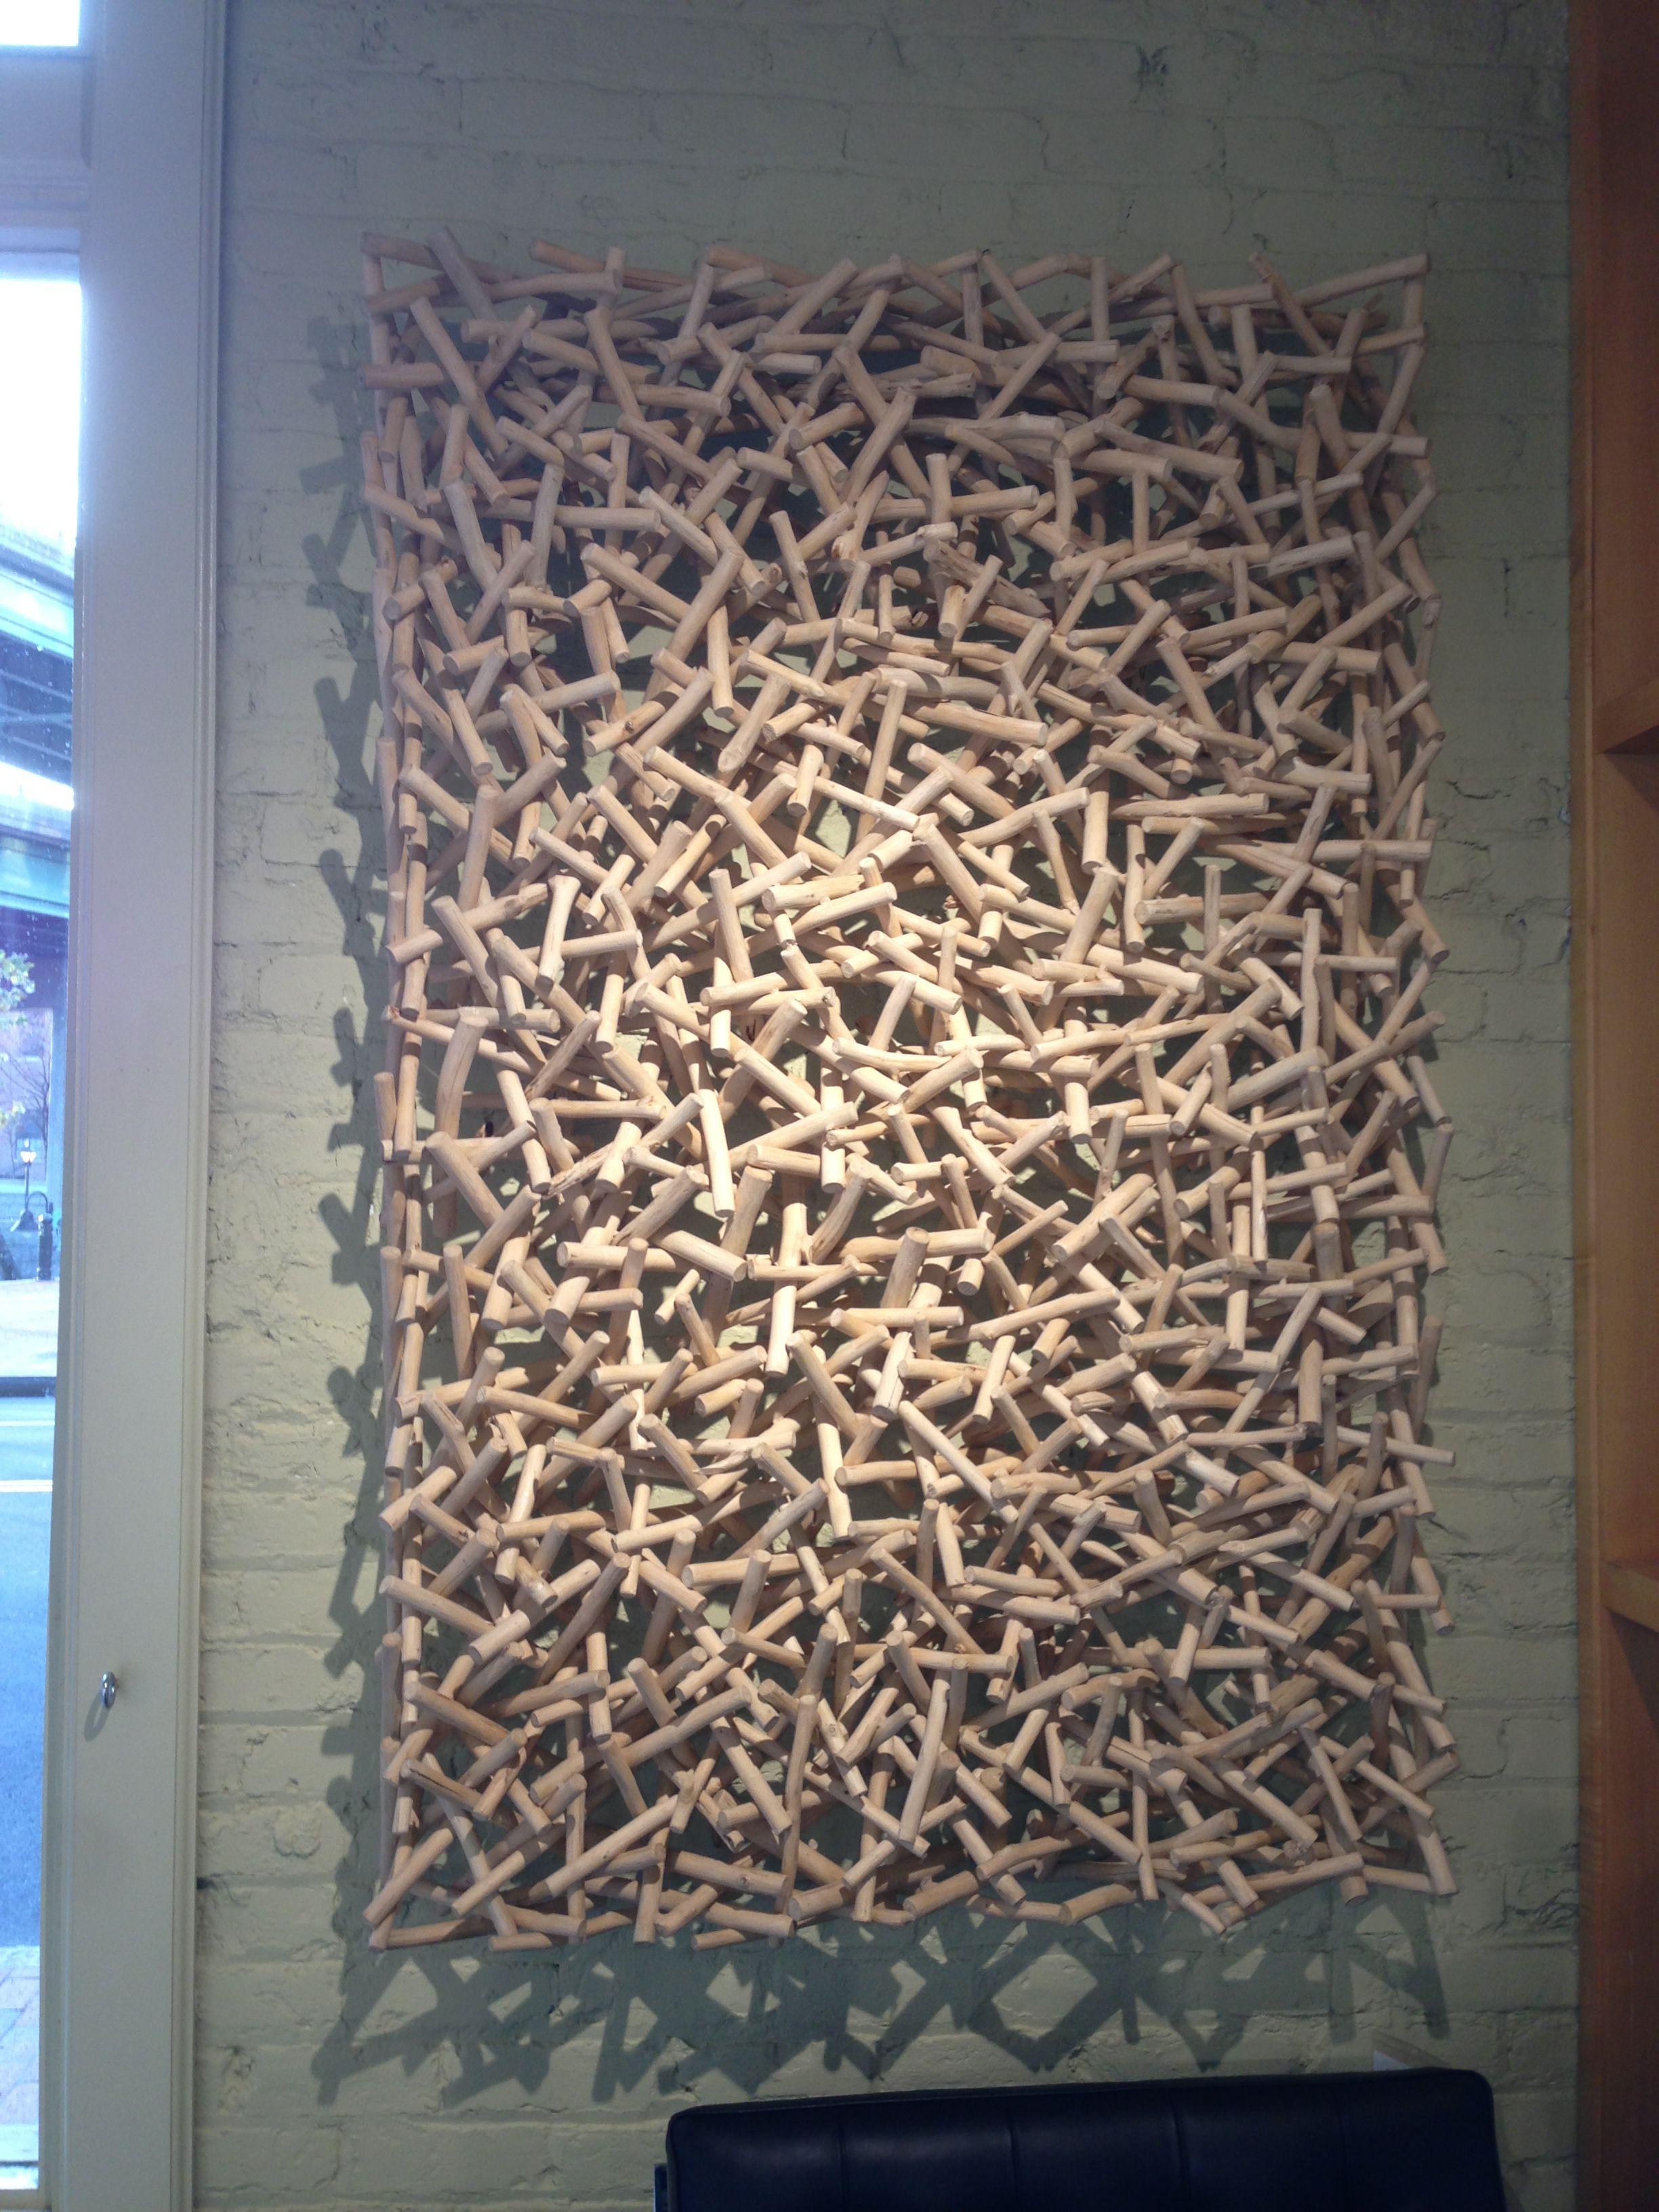 Wall Art Sculpture Debarked Sticks